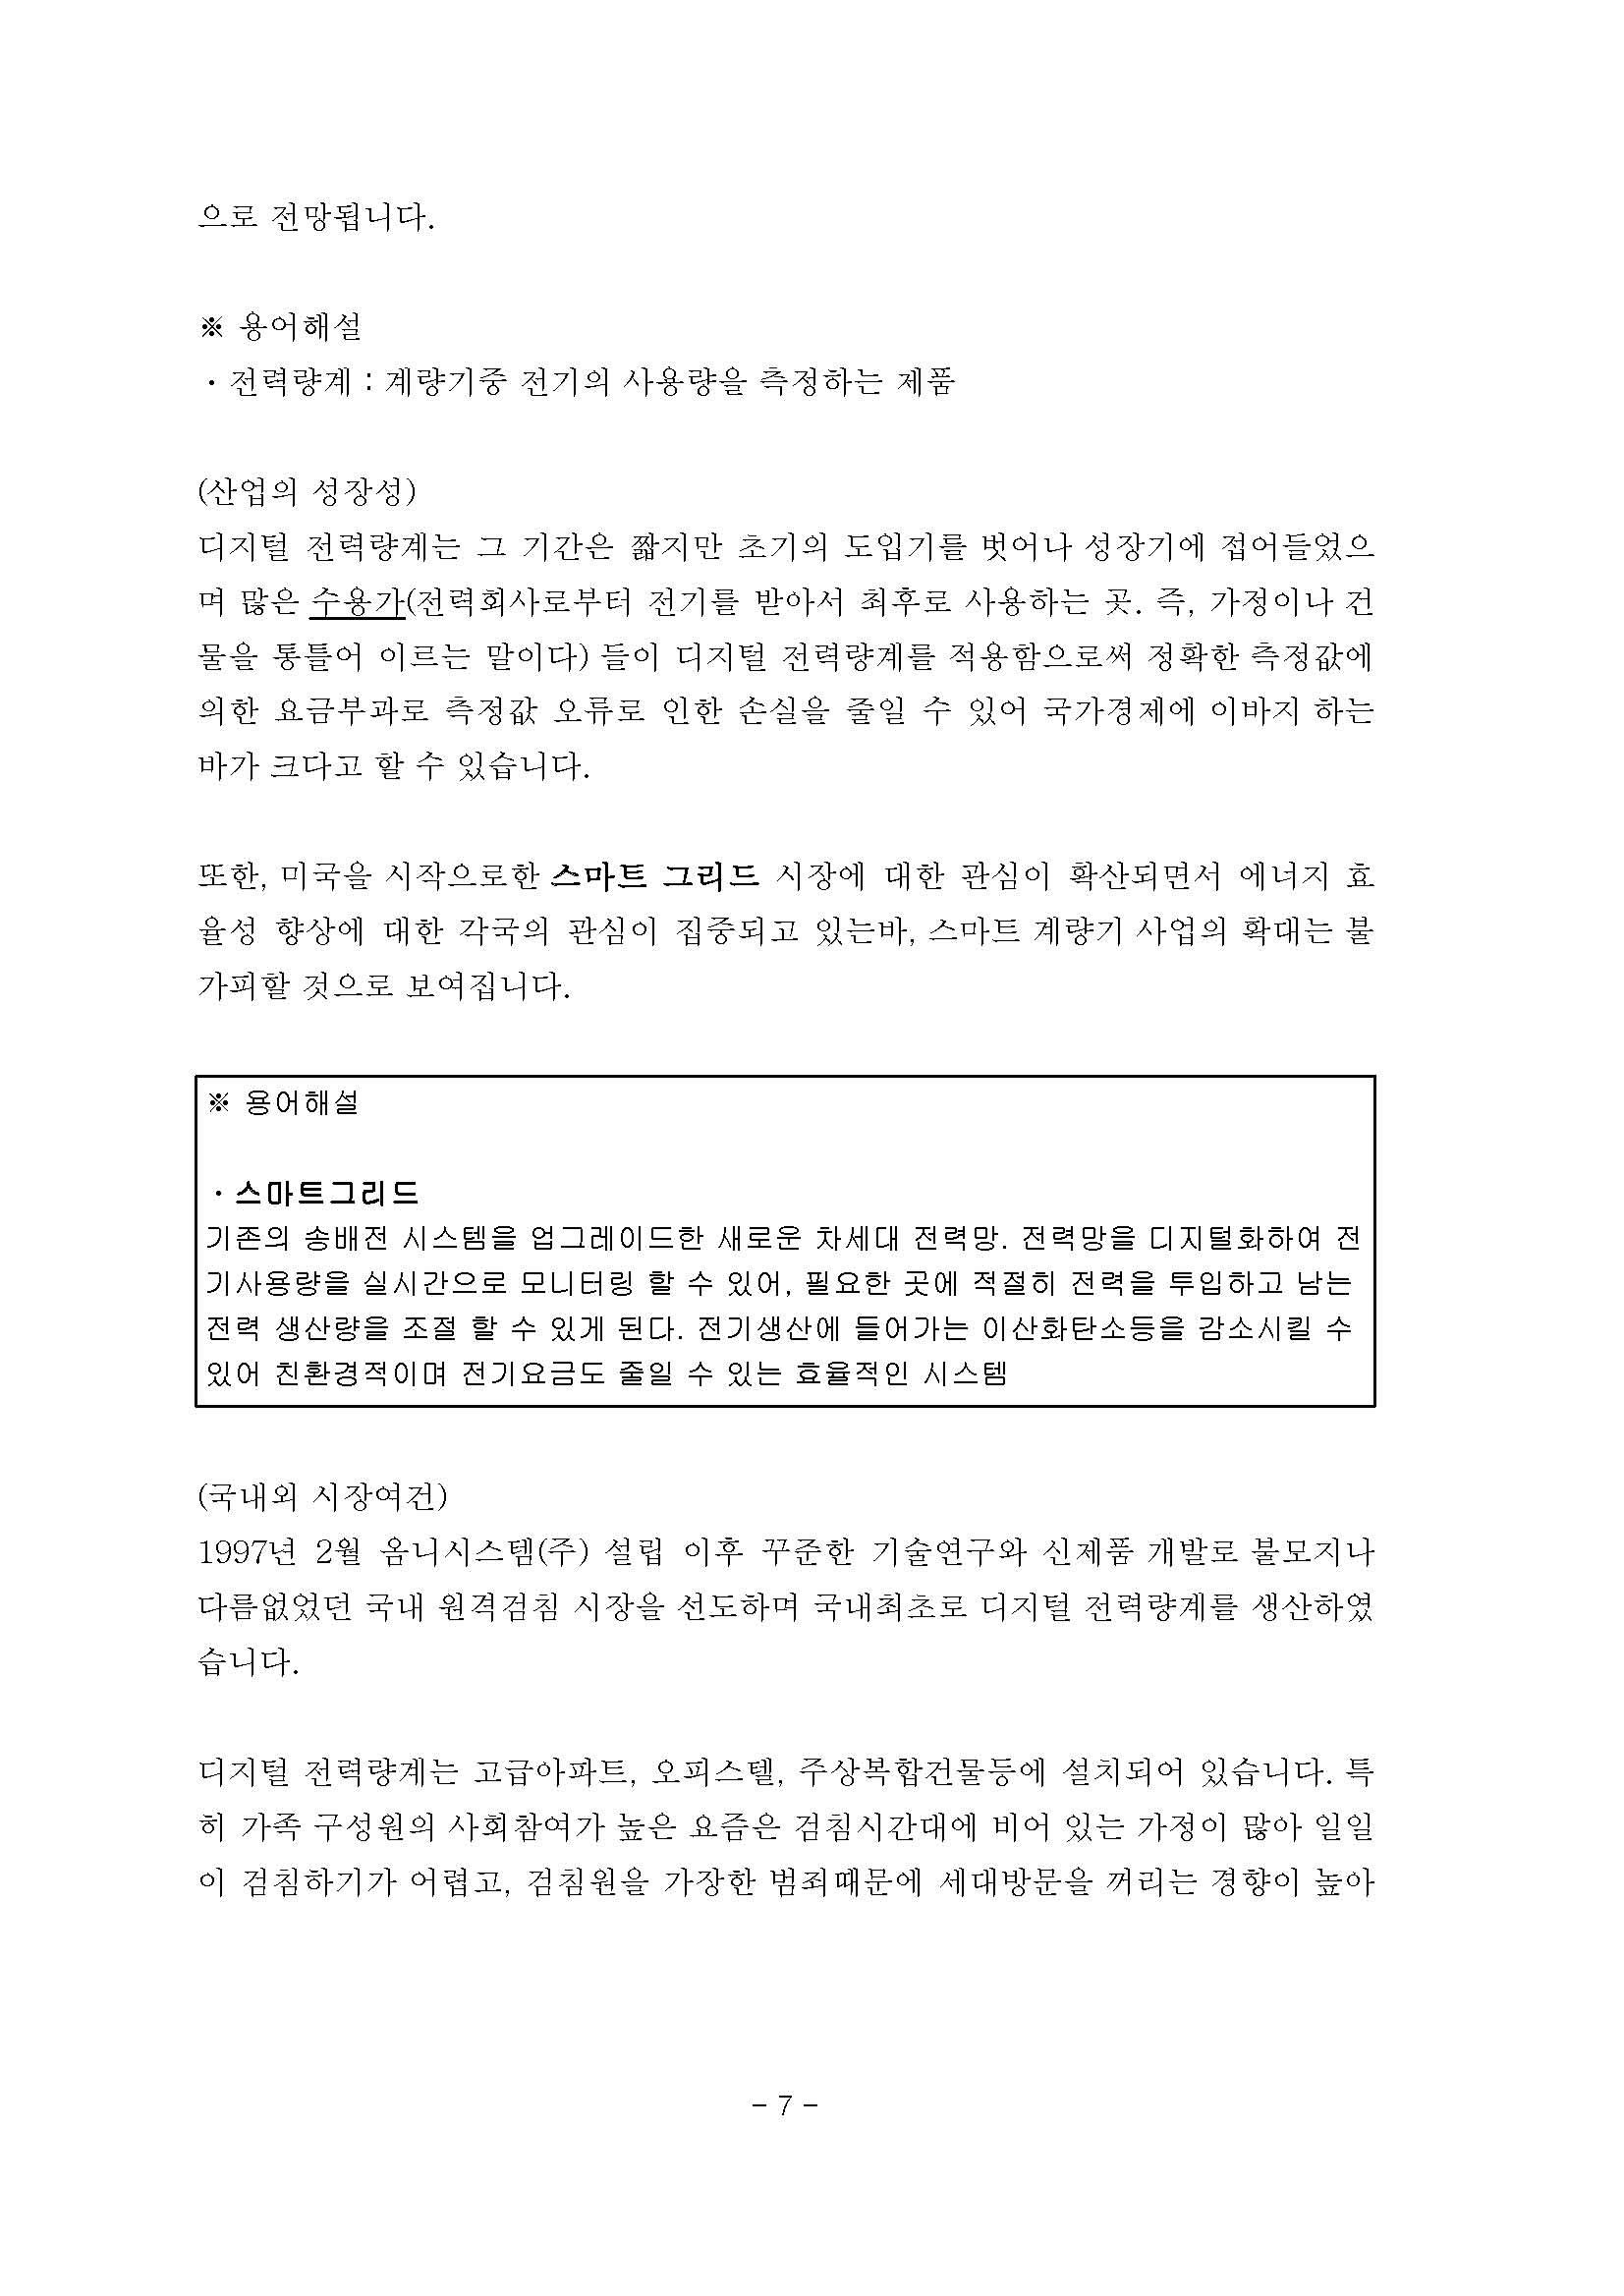 20160311 주주총회 소집공고-옴니시스템_페이지_08.jpg